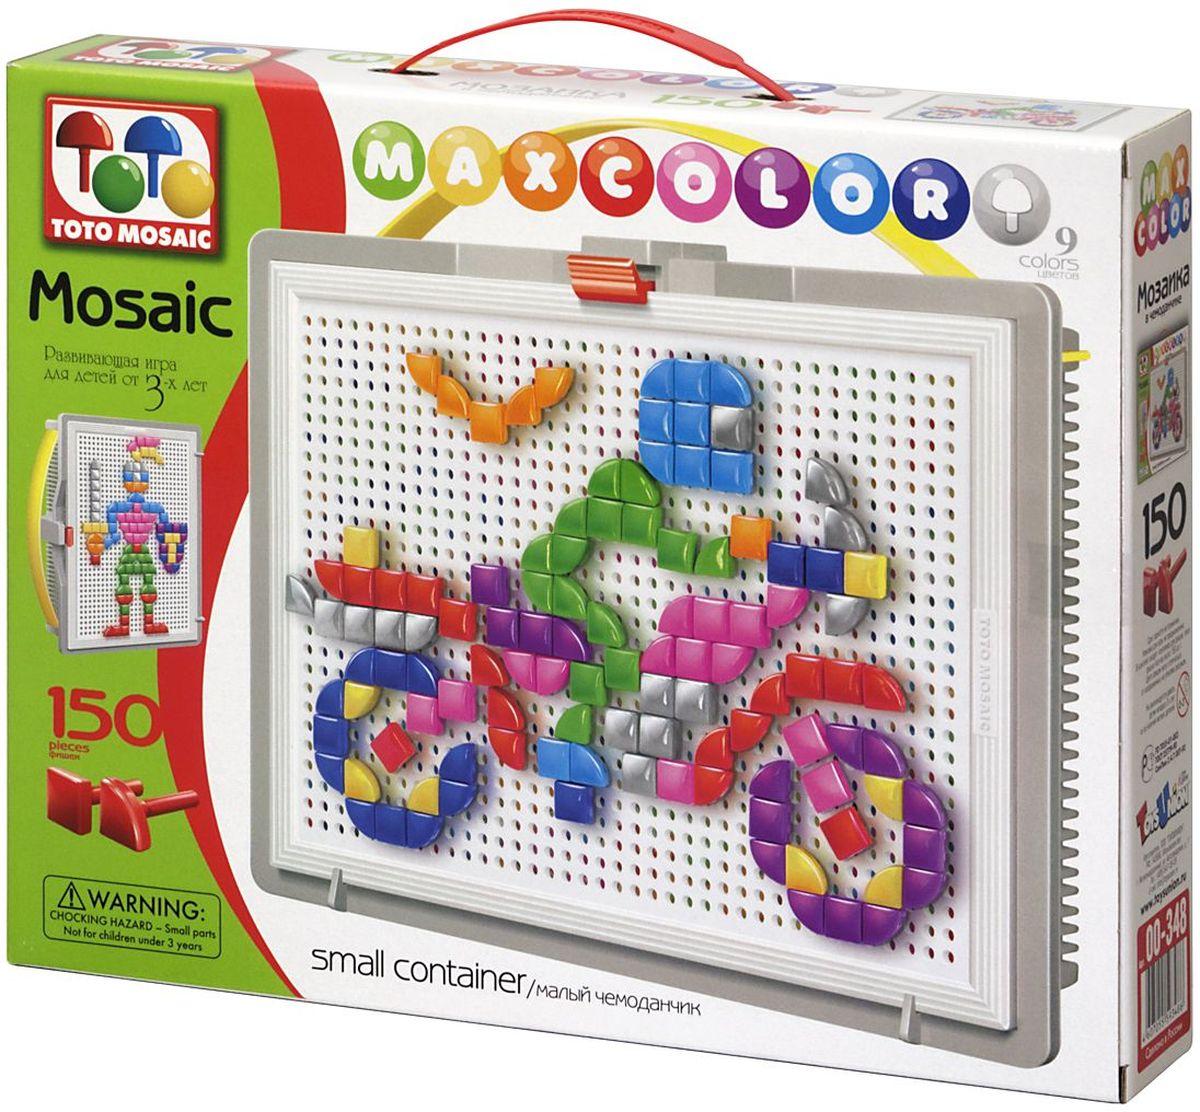 Toto Mosaic Мозаика Скорость00-348Мозаика «MAXCOLOR» Smal container – яркая, увлекательная, развивающая игра для детей от 3-х лет и старше. Она способствует развитию творческих способностей ребенка, его воображения, внимания, усидчивости, умению доводить начатое дело до конца, а так же координации и моторики движения рук. Все эти качества делают мозаику незаменимым пособием для успешной подготовки ребят 3-5 лет к началу обучения в школе. Комплектация «MAXCOLOR» ФИШКИ Игра комплектуется фишками различного размера (o 20, o 15, o 10, o 5) округлой формы, которые удобно и приятно держать в руках, поэтому с ними справится даже самый крохотный малыш. Фишки o 20 рассчитаны на самых маленьких игроков. Так же, в этой серии имеются наборы, комплектуемые треугольными и квадратными фишками. Они рассчитаны на детей постарше. ПЛАТА Все фишки легко крепятся и легко снимаются с игрового поля – платы, которая позволяет малышу не ограничивать свои движения при складывании мозаики. Её оригинальная конструкция...